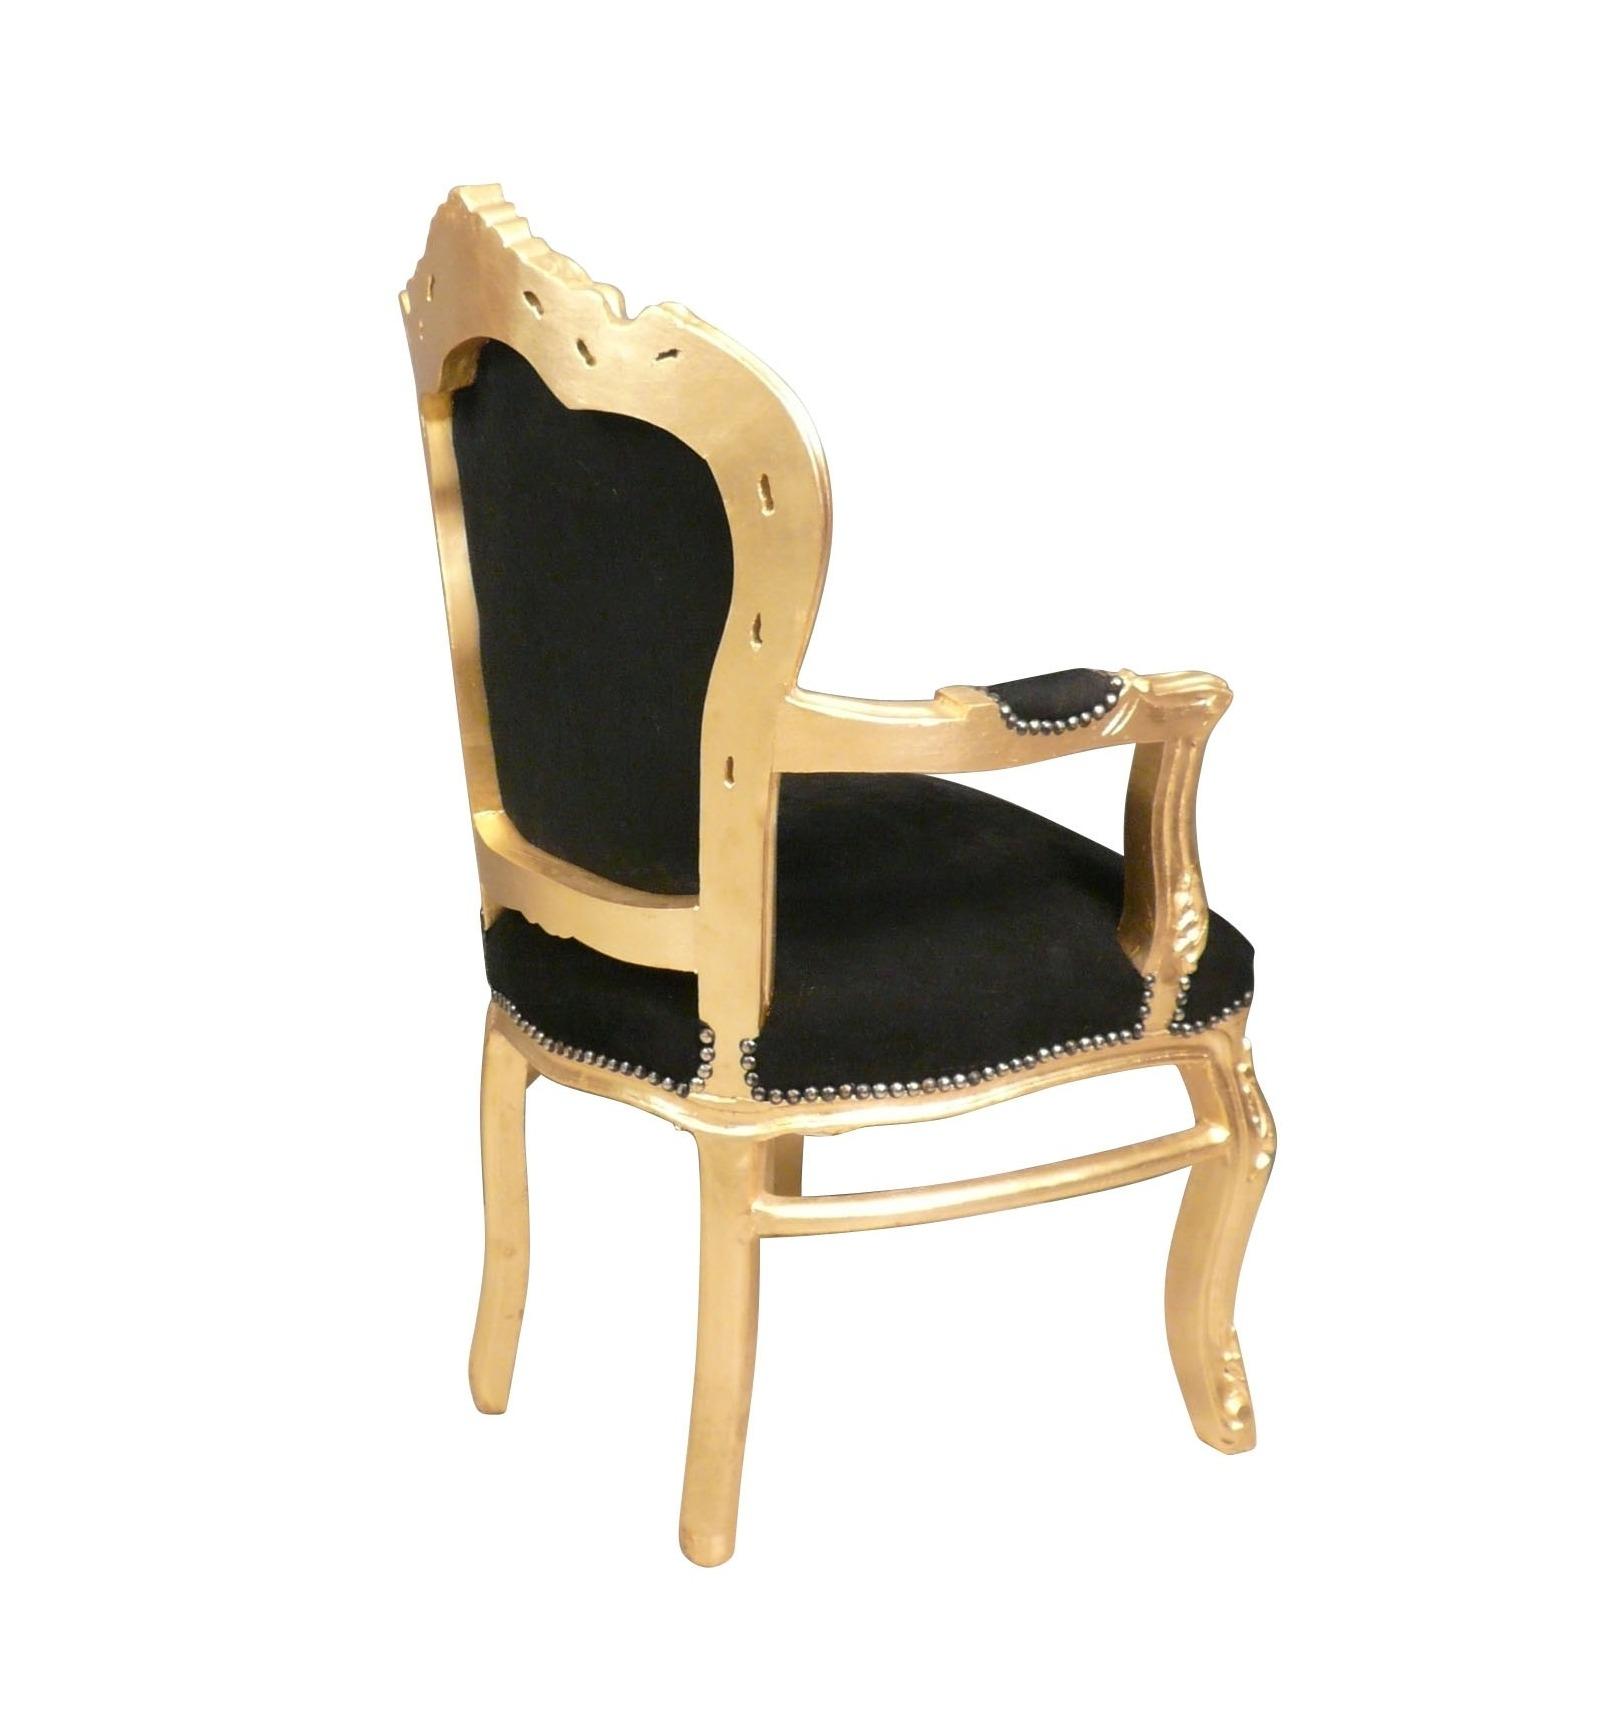 fauteuil baroque noir et dor vente de meubles baroques. Black Bedroom Furniture Sets. Home Design Ideas